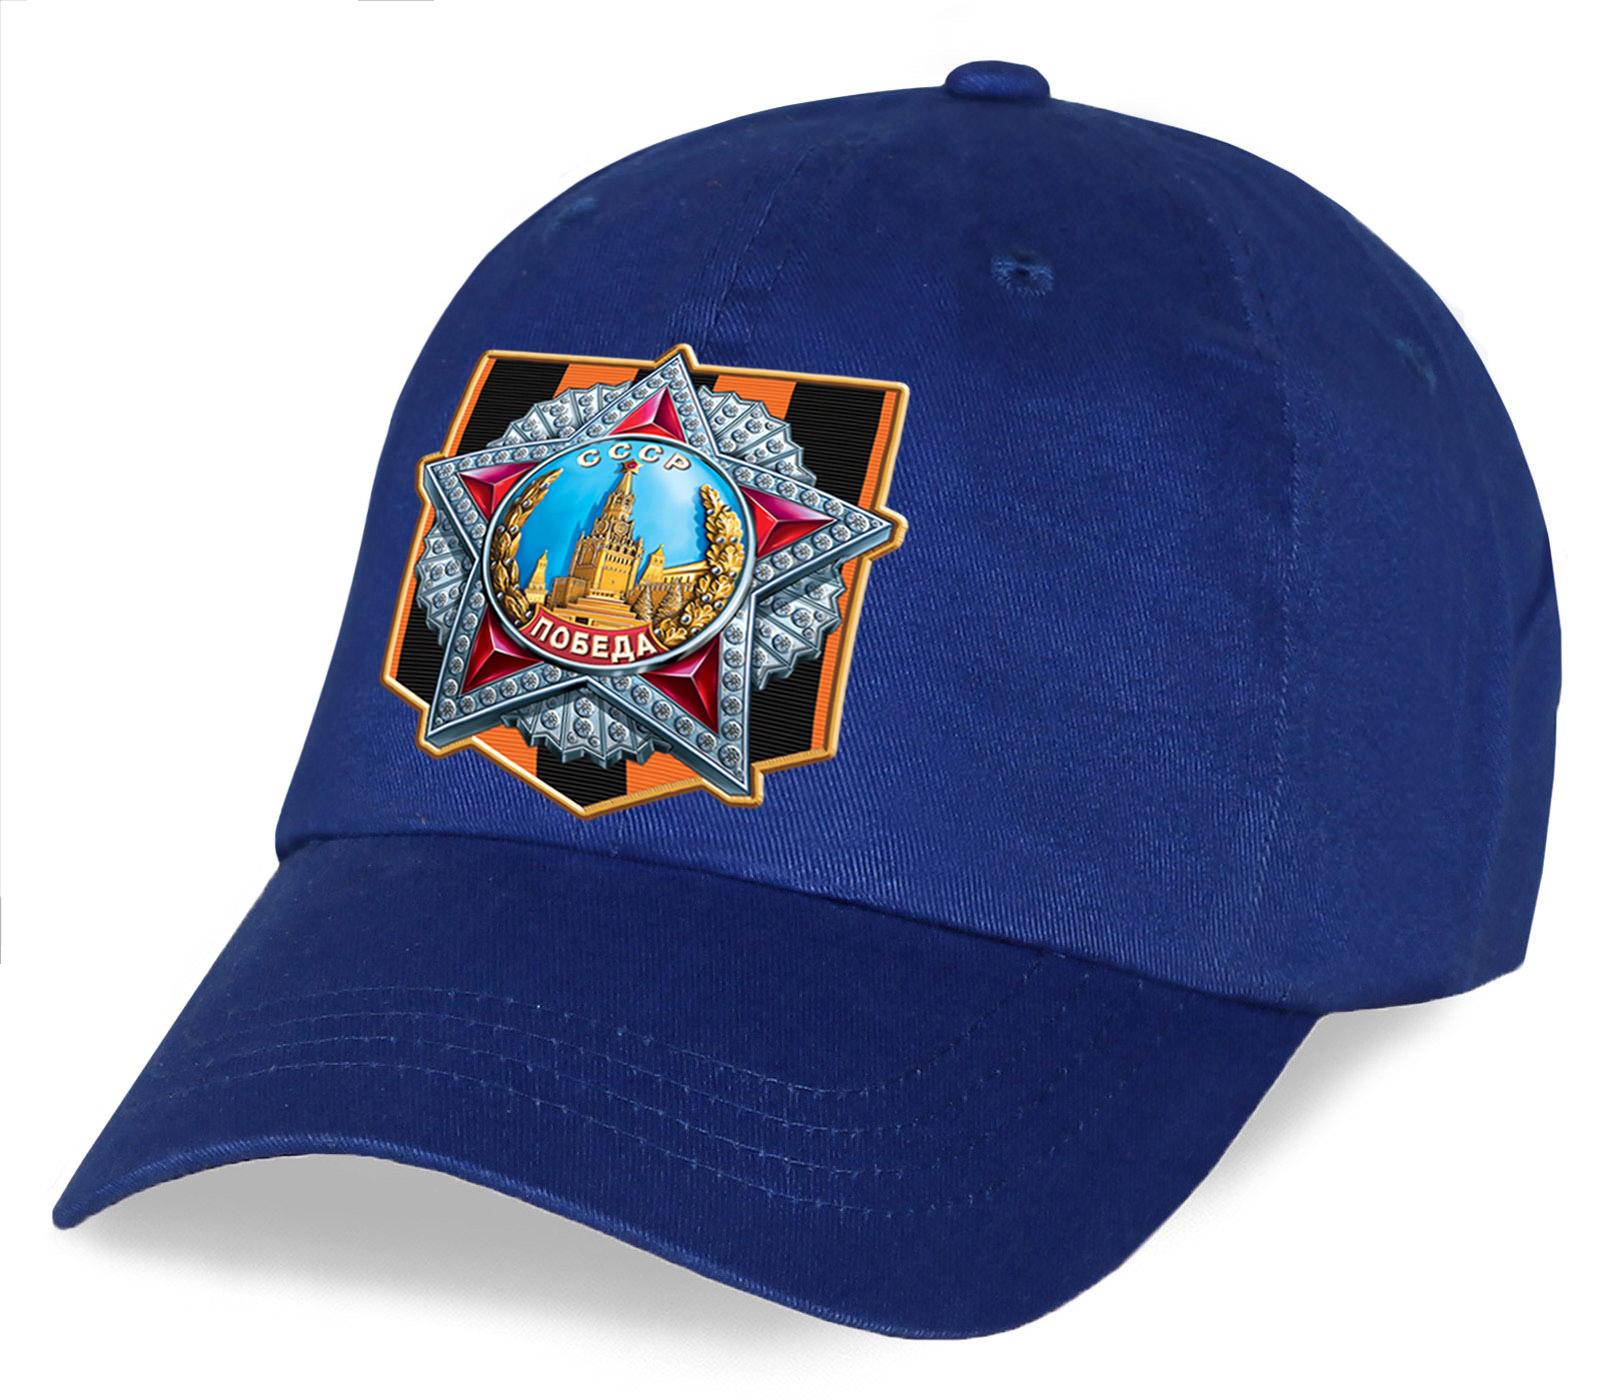 Если ты патриот, то тебе просто необходима для празднования 9 Мая уникальная кепка с принтом Ордена Победы на георгиевской ленточке. Отличное предложение от Военпро по выгодной цене